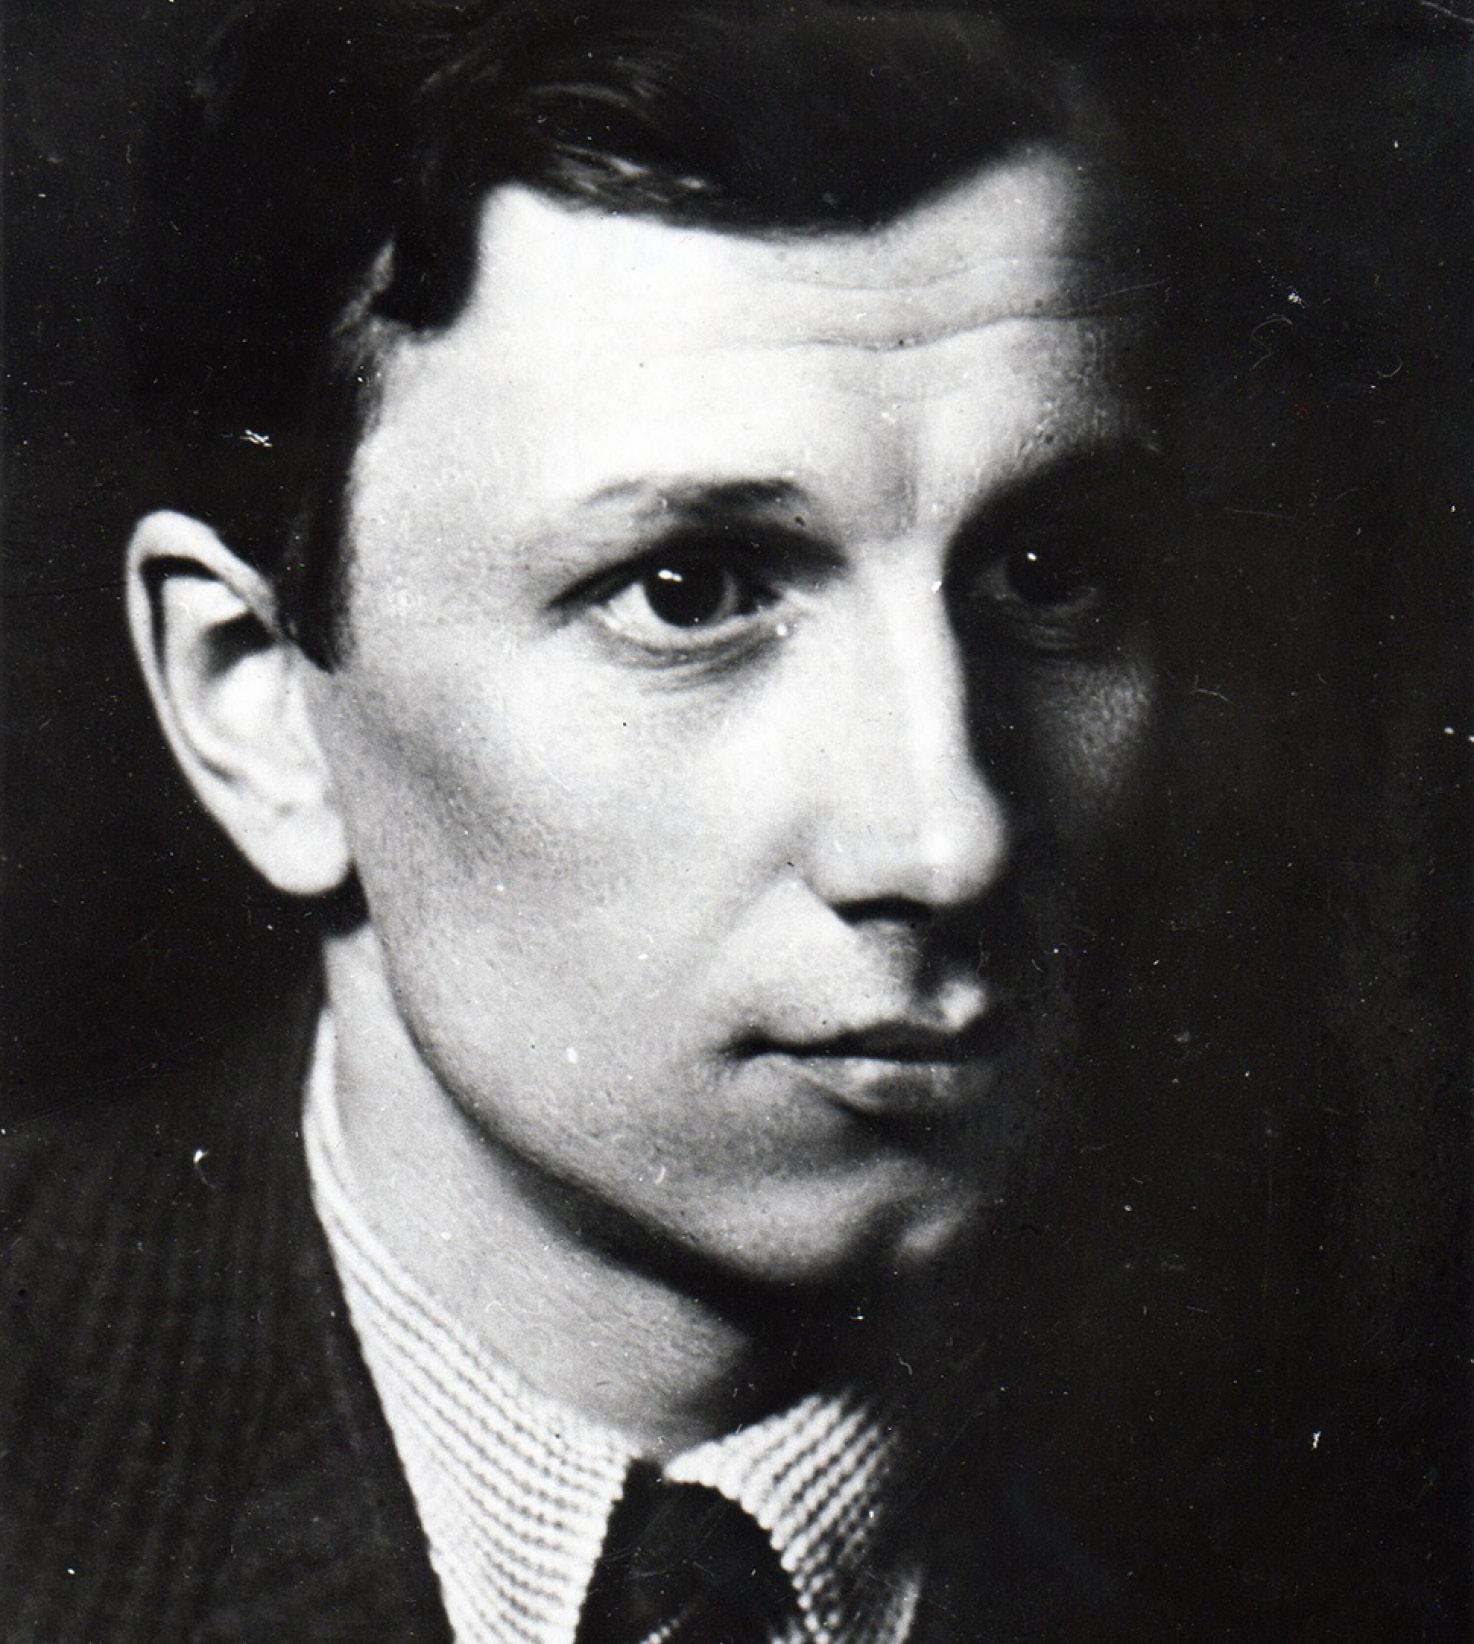 Nikolai Erdman